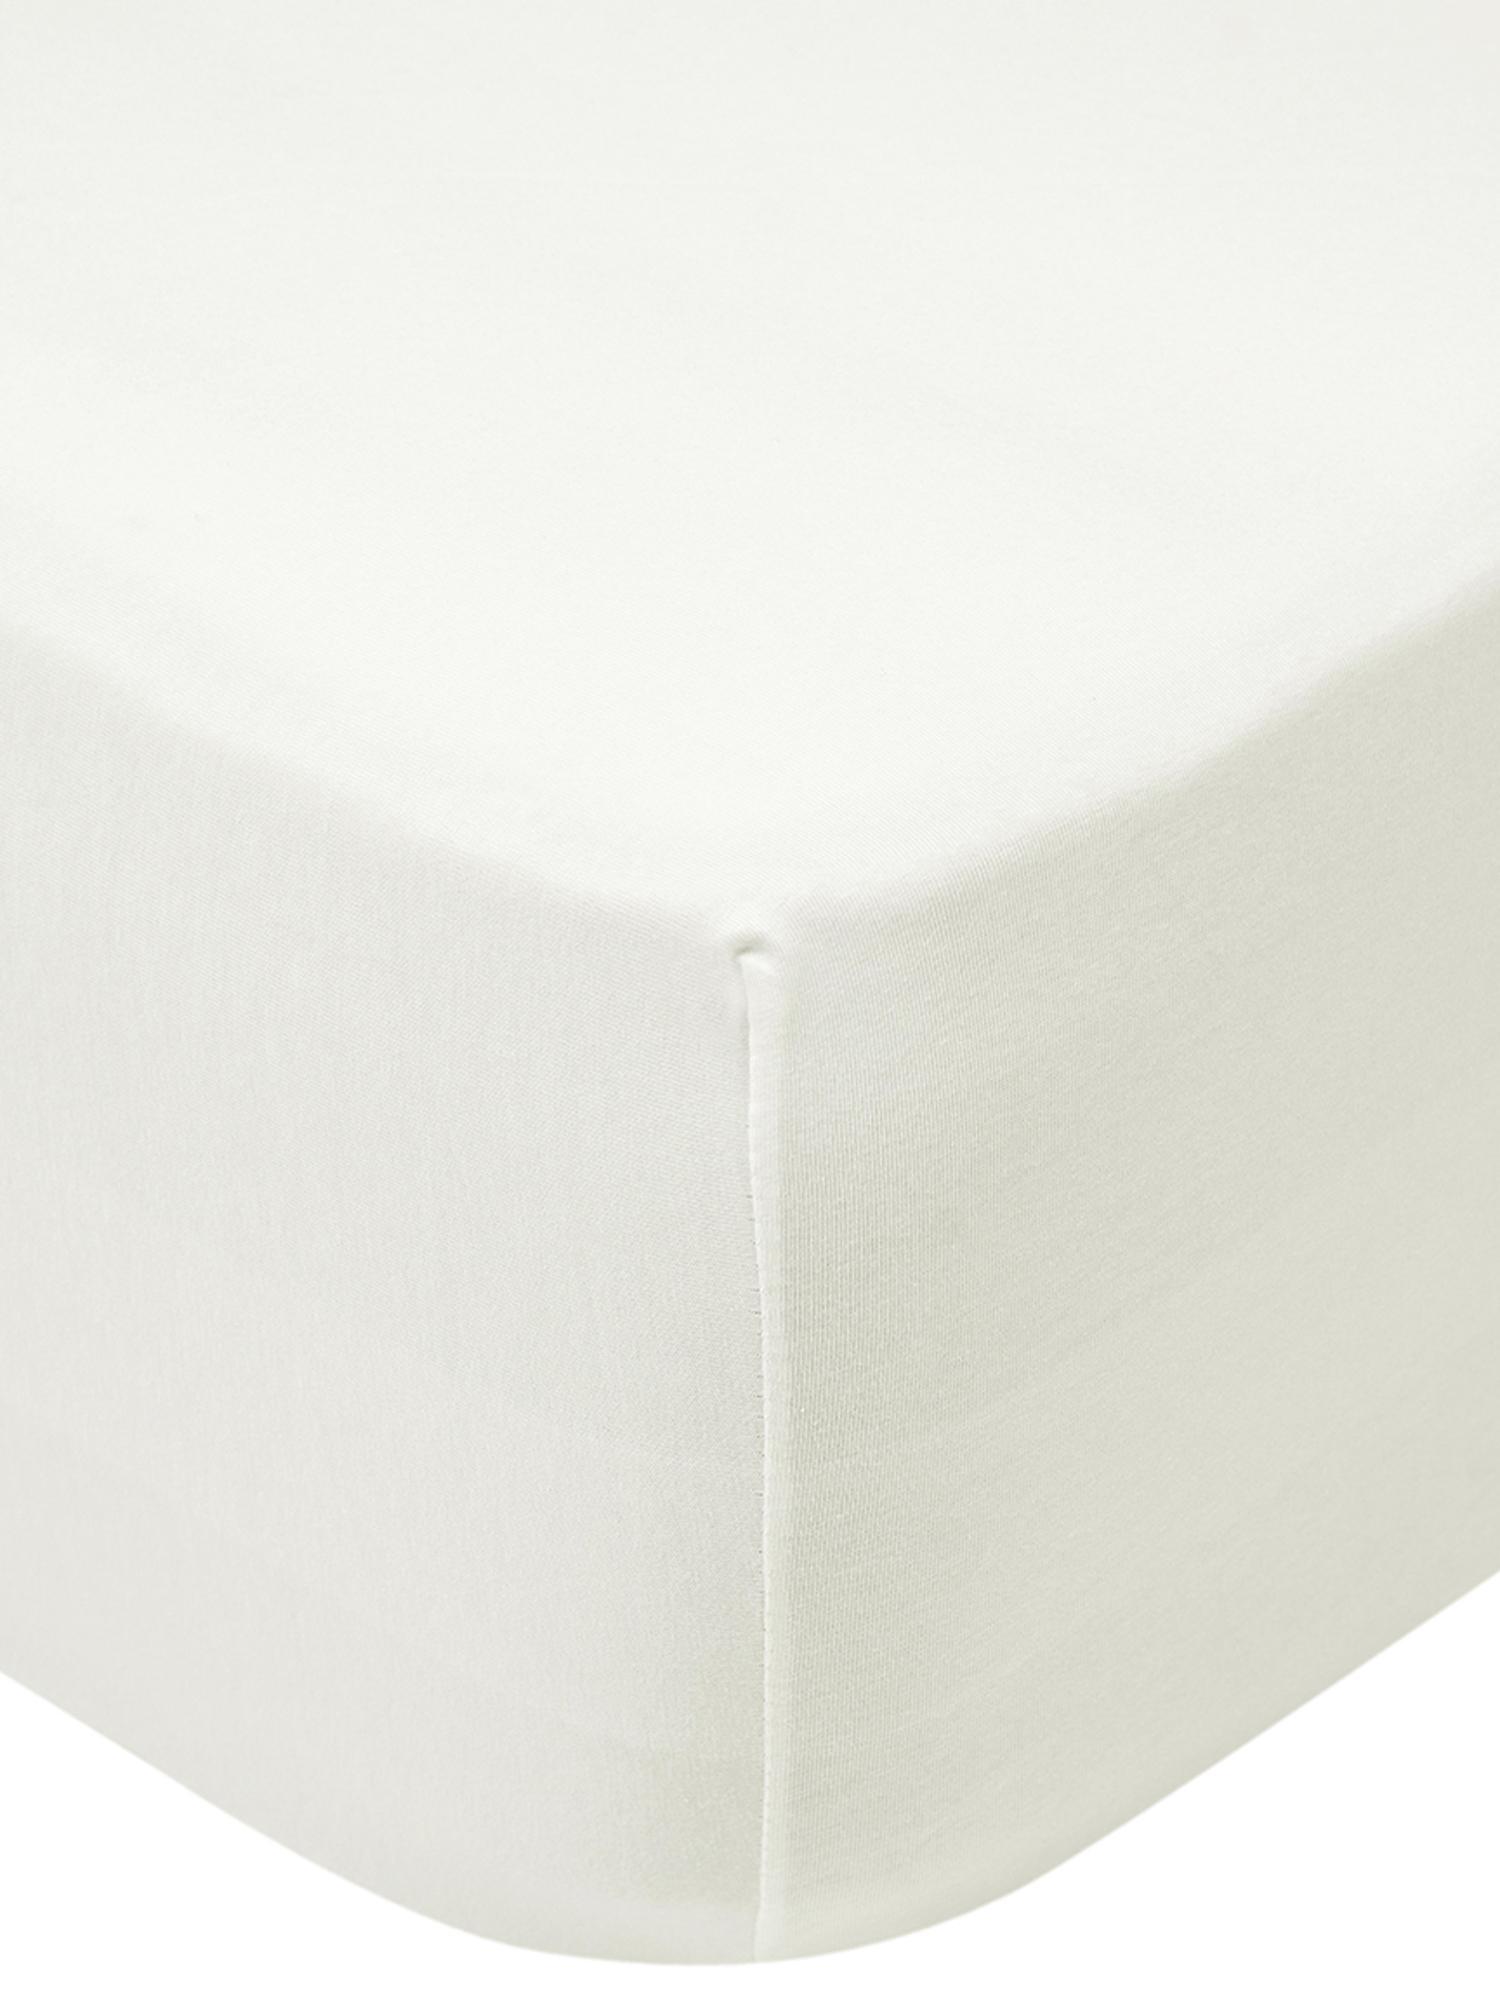 Spannbettlaken Lara, Jersey-Elasthan, 95% Baumwolle, 5% Elasthan, Cremefarben, 180 x 200 cm